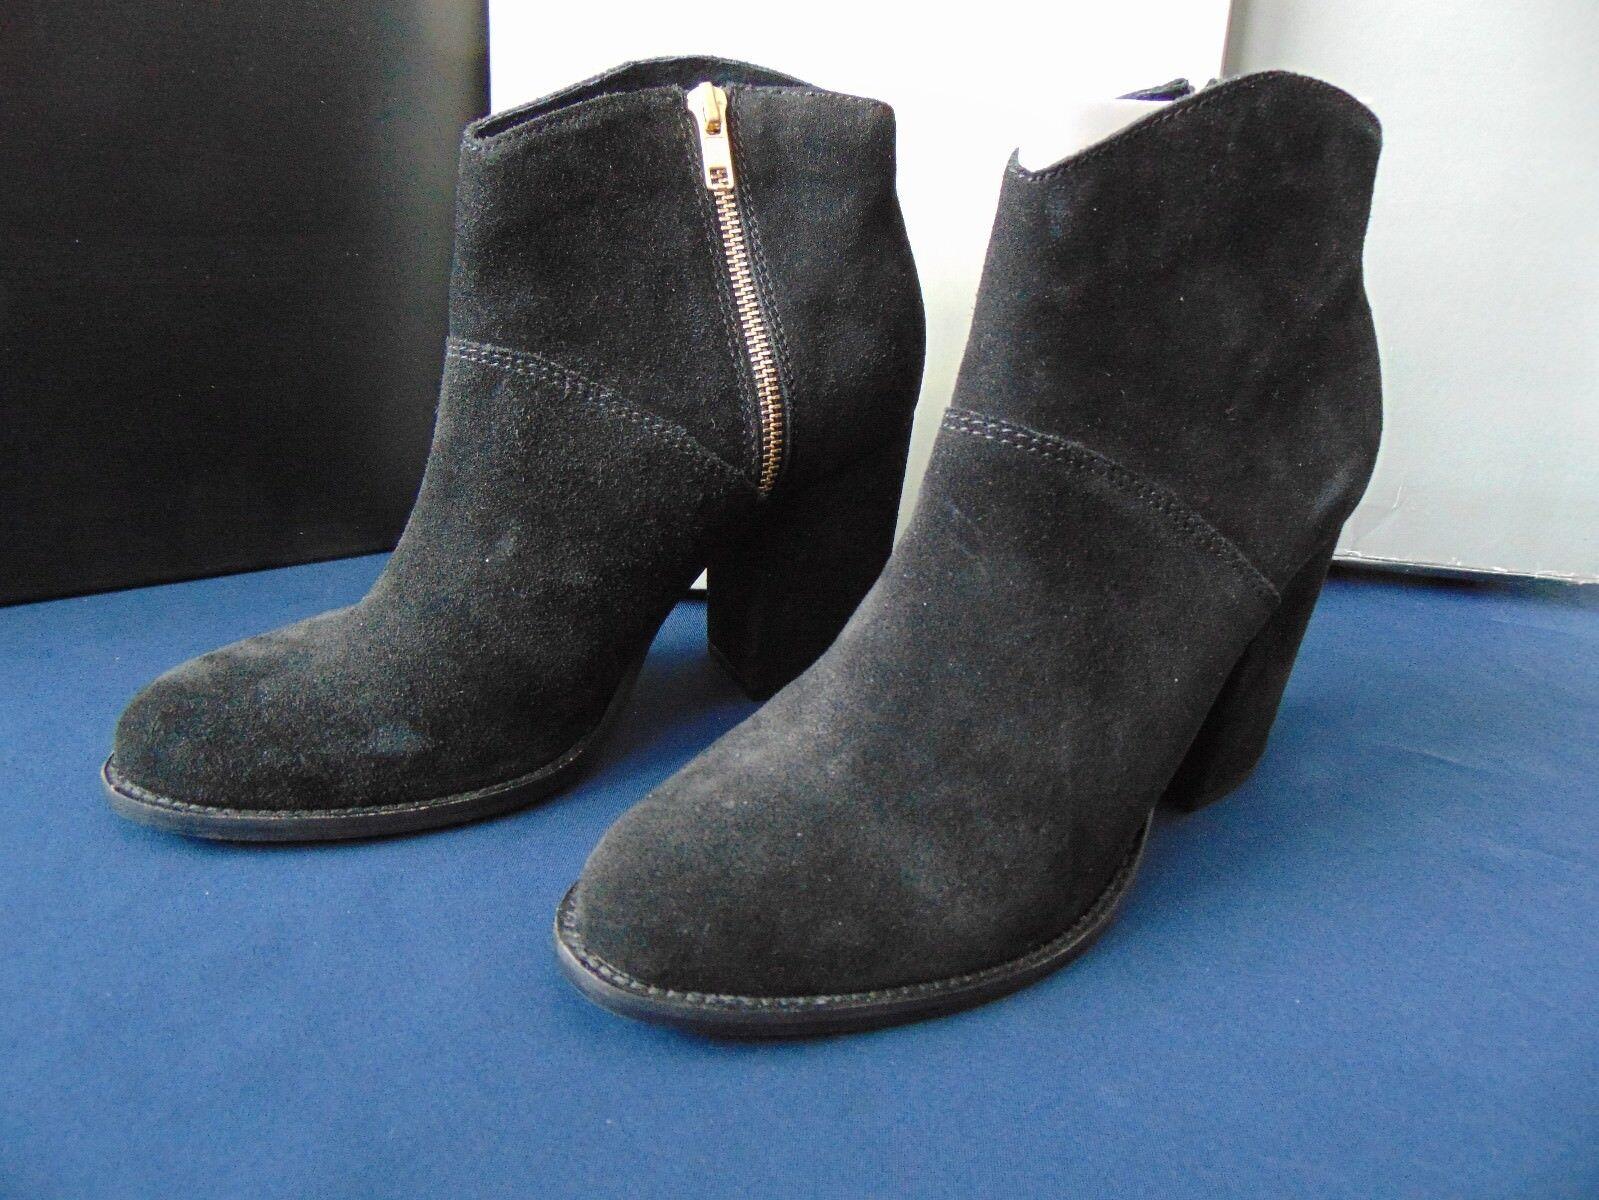 """Damen-Stiefelette """"Nelson"""" Niederlande-Wildleder-Absatz 6,5-9,5-NEU/OVP Günstige und gute Schuhe"""